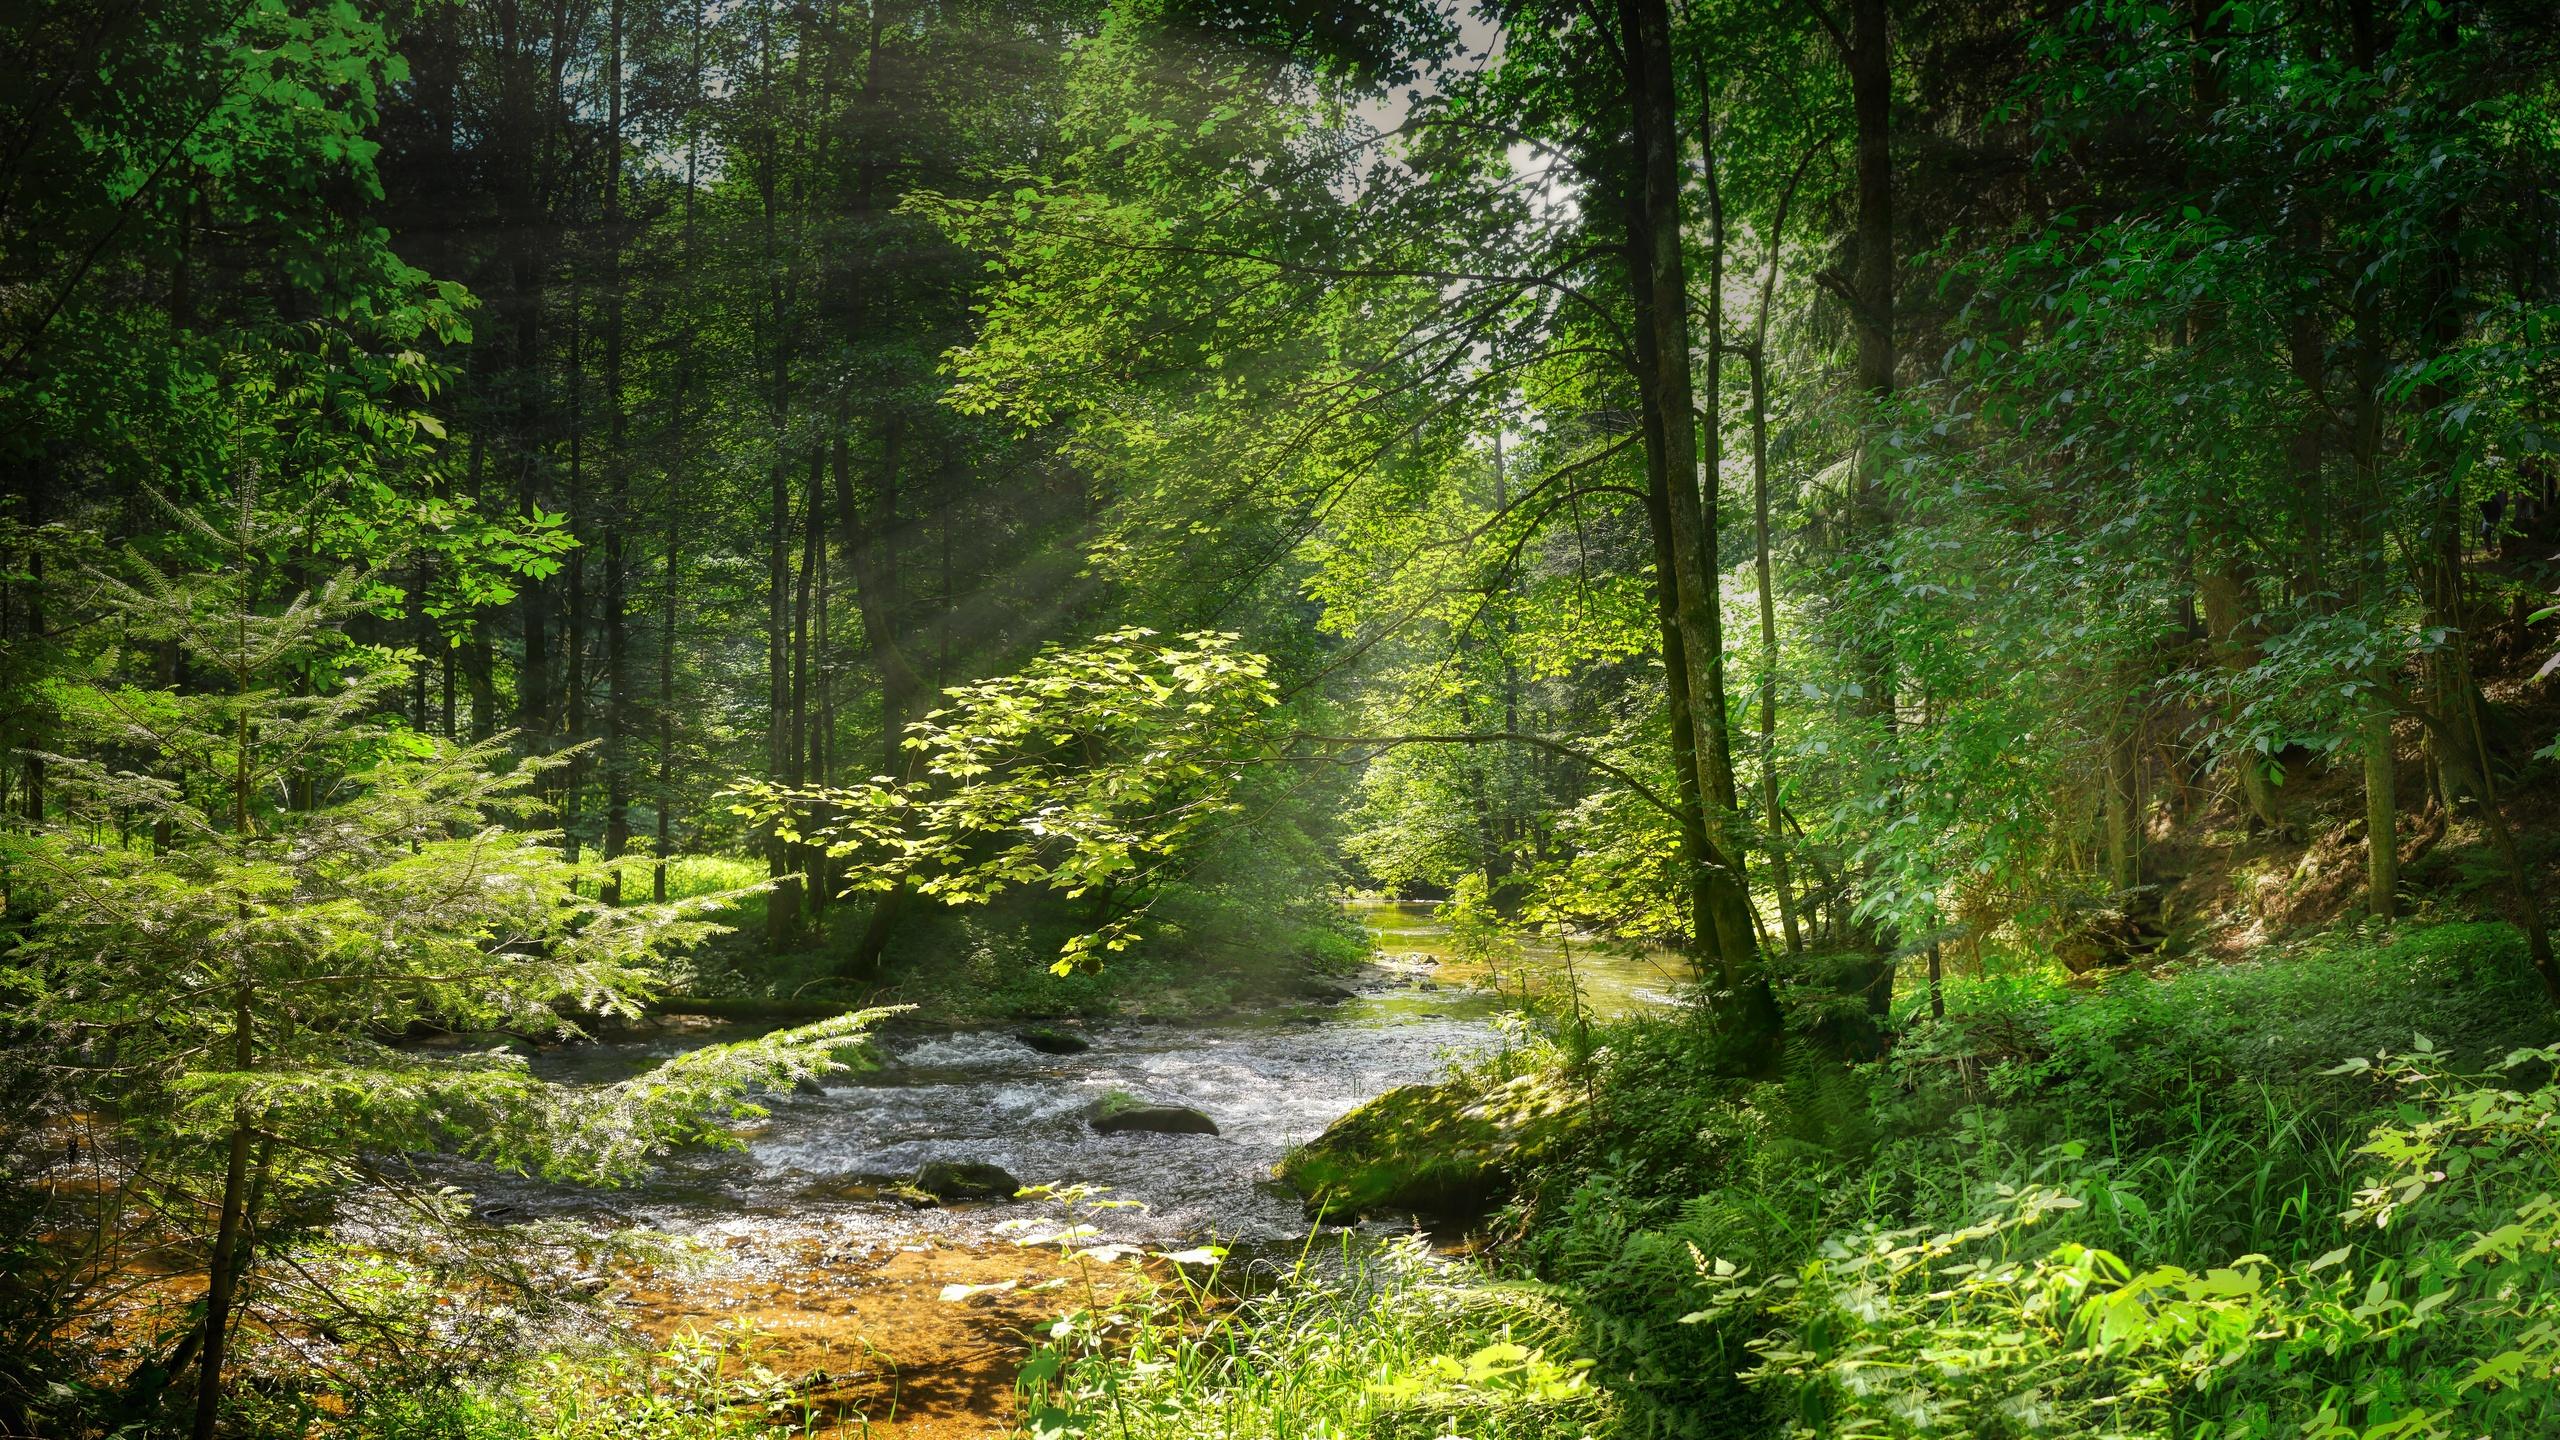 река, деревья, лес, трава, кусты, лучи солнца